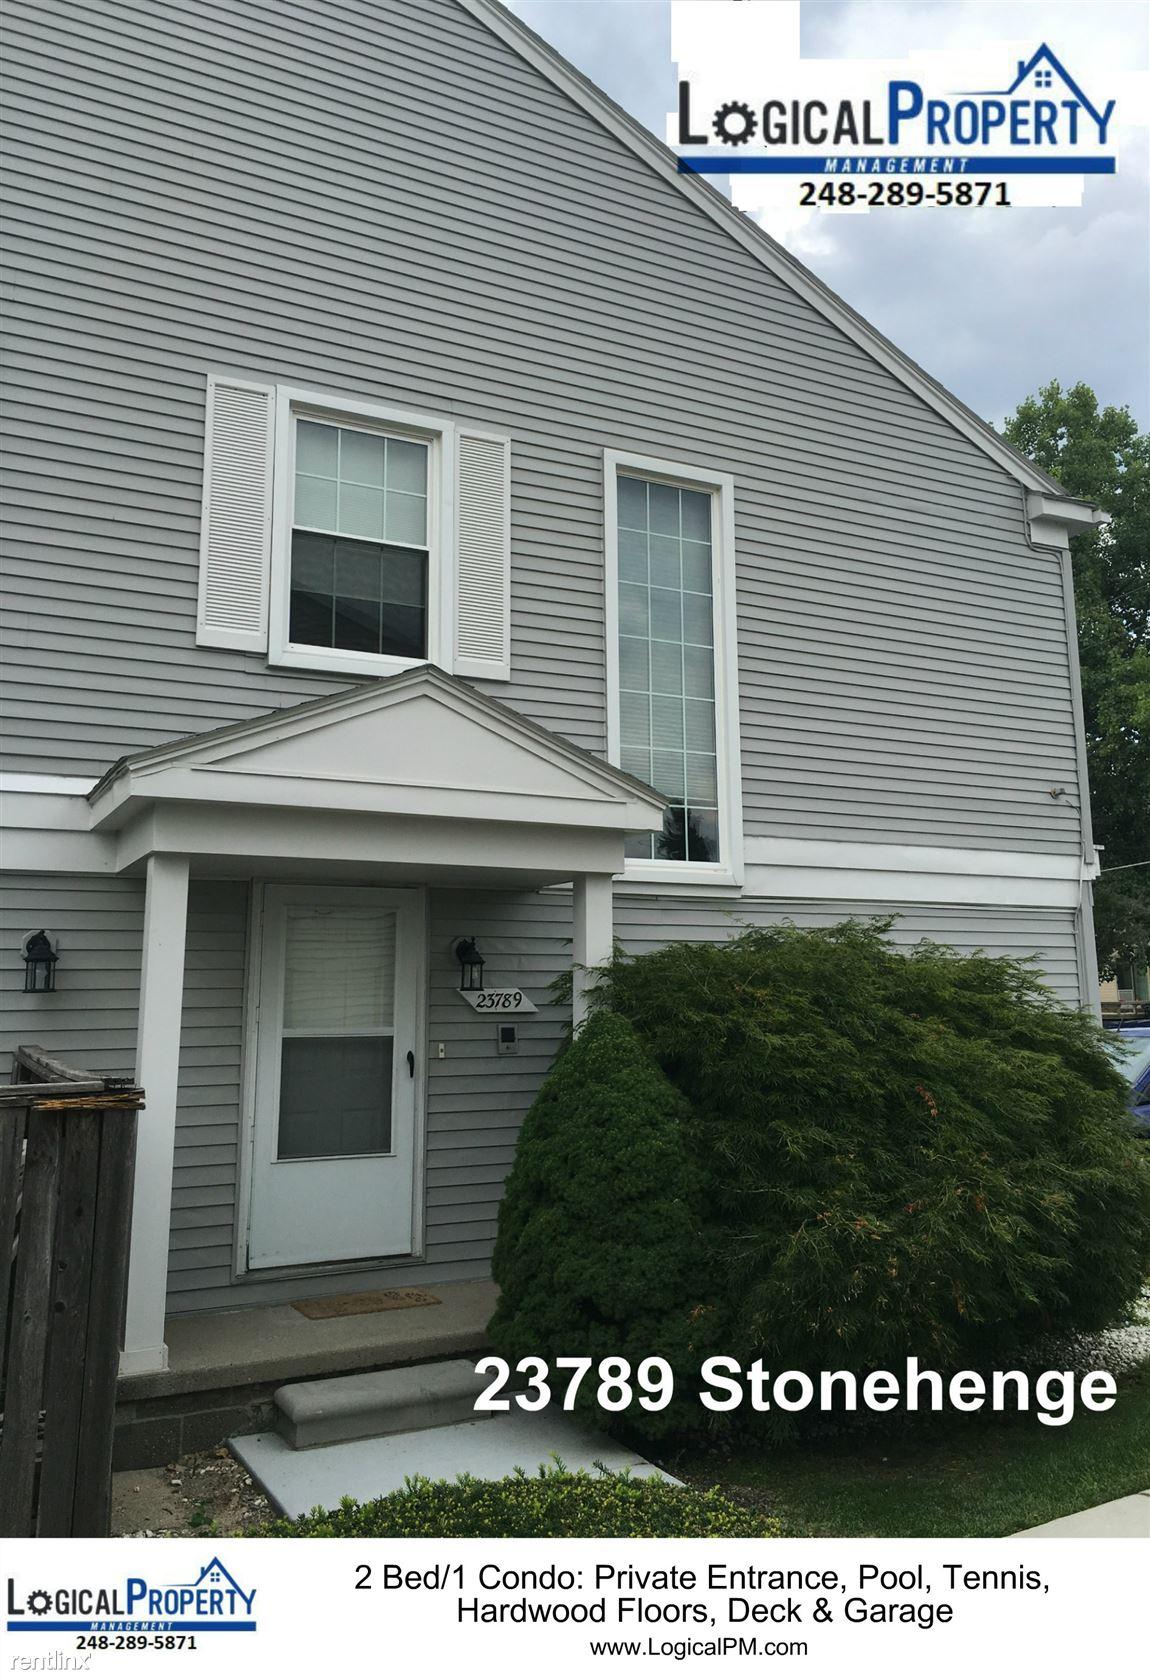 23789 Stonehenge Blvd, Novi, MI - $1,200